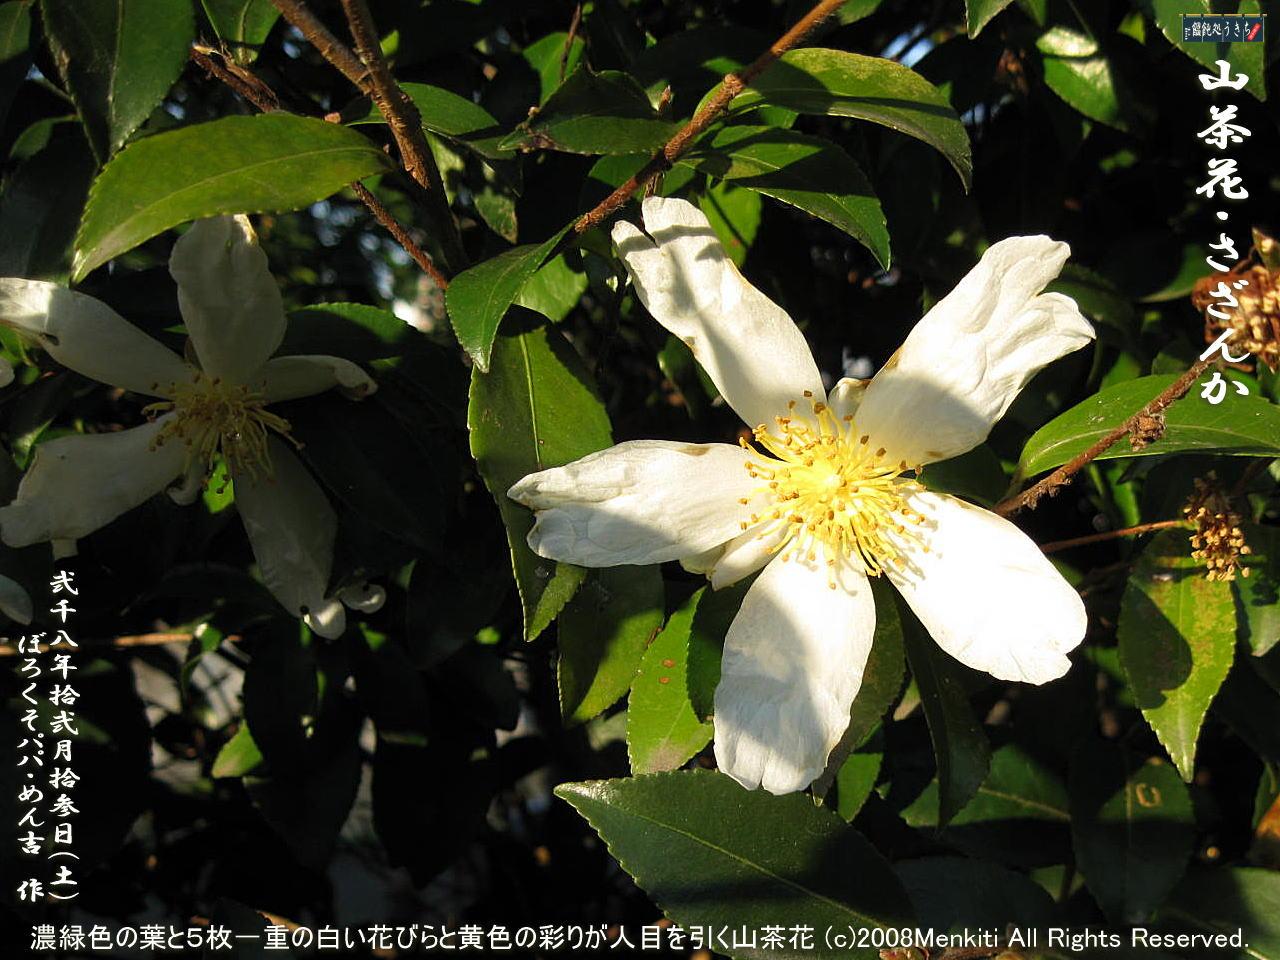 12/13(土)濃緑色の葉と5枚一重の白い花びらと黄色の雄しべの彩りが目を引く名も知らぬ「山茶花・さざんか・サザンカ」@キャツピ&めん吉の【ぼろくそパパの独り言】    ▼クリックで1280x960pxlsに拡大します。